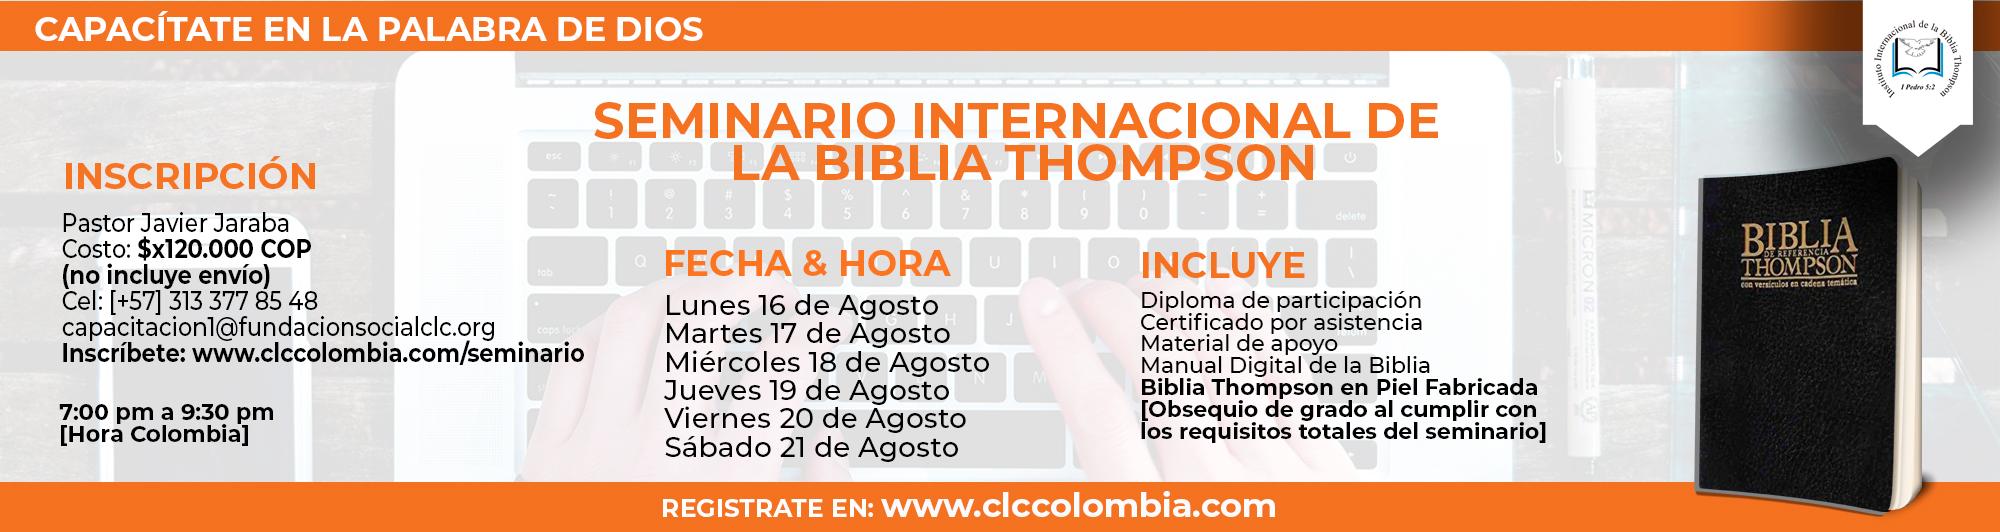 banner seminario thompson agosto 2021 Col